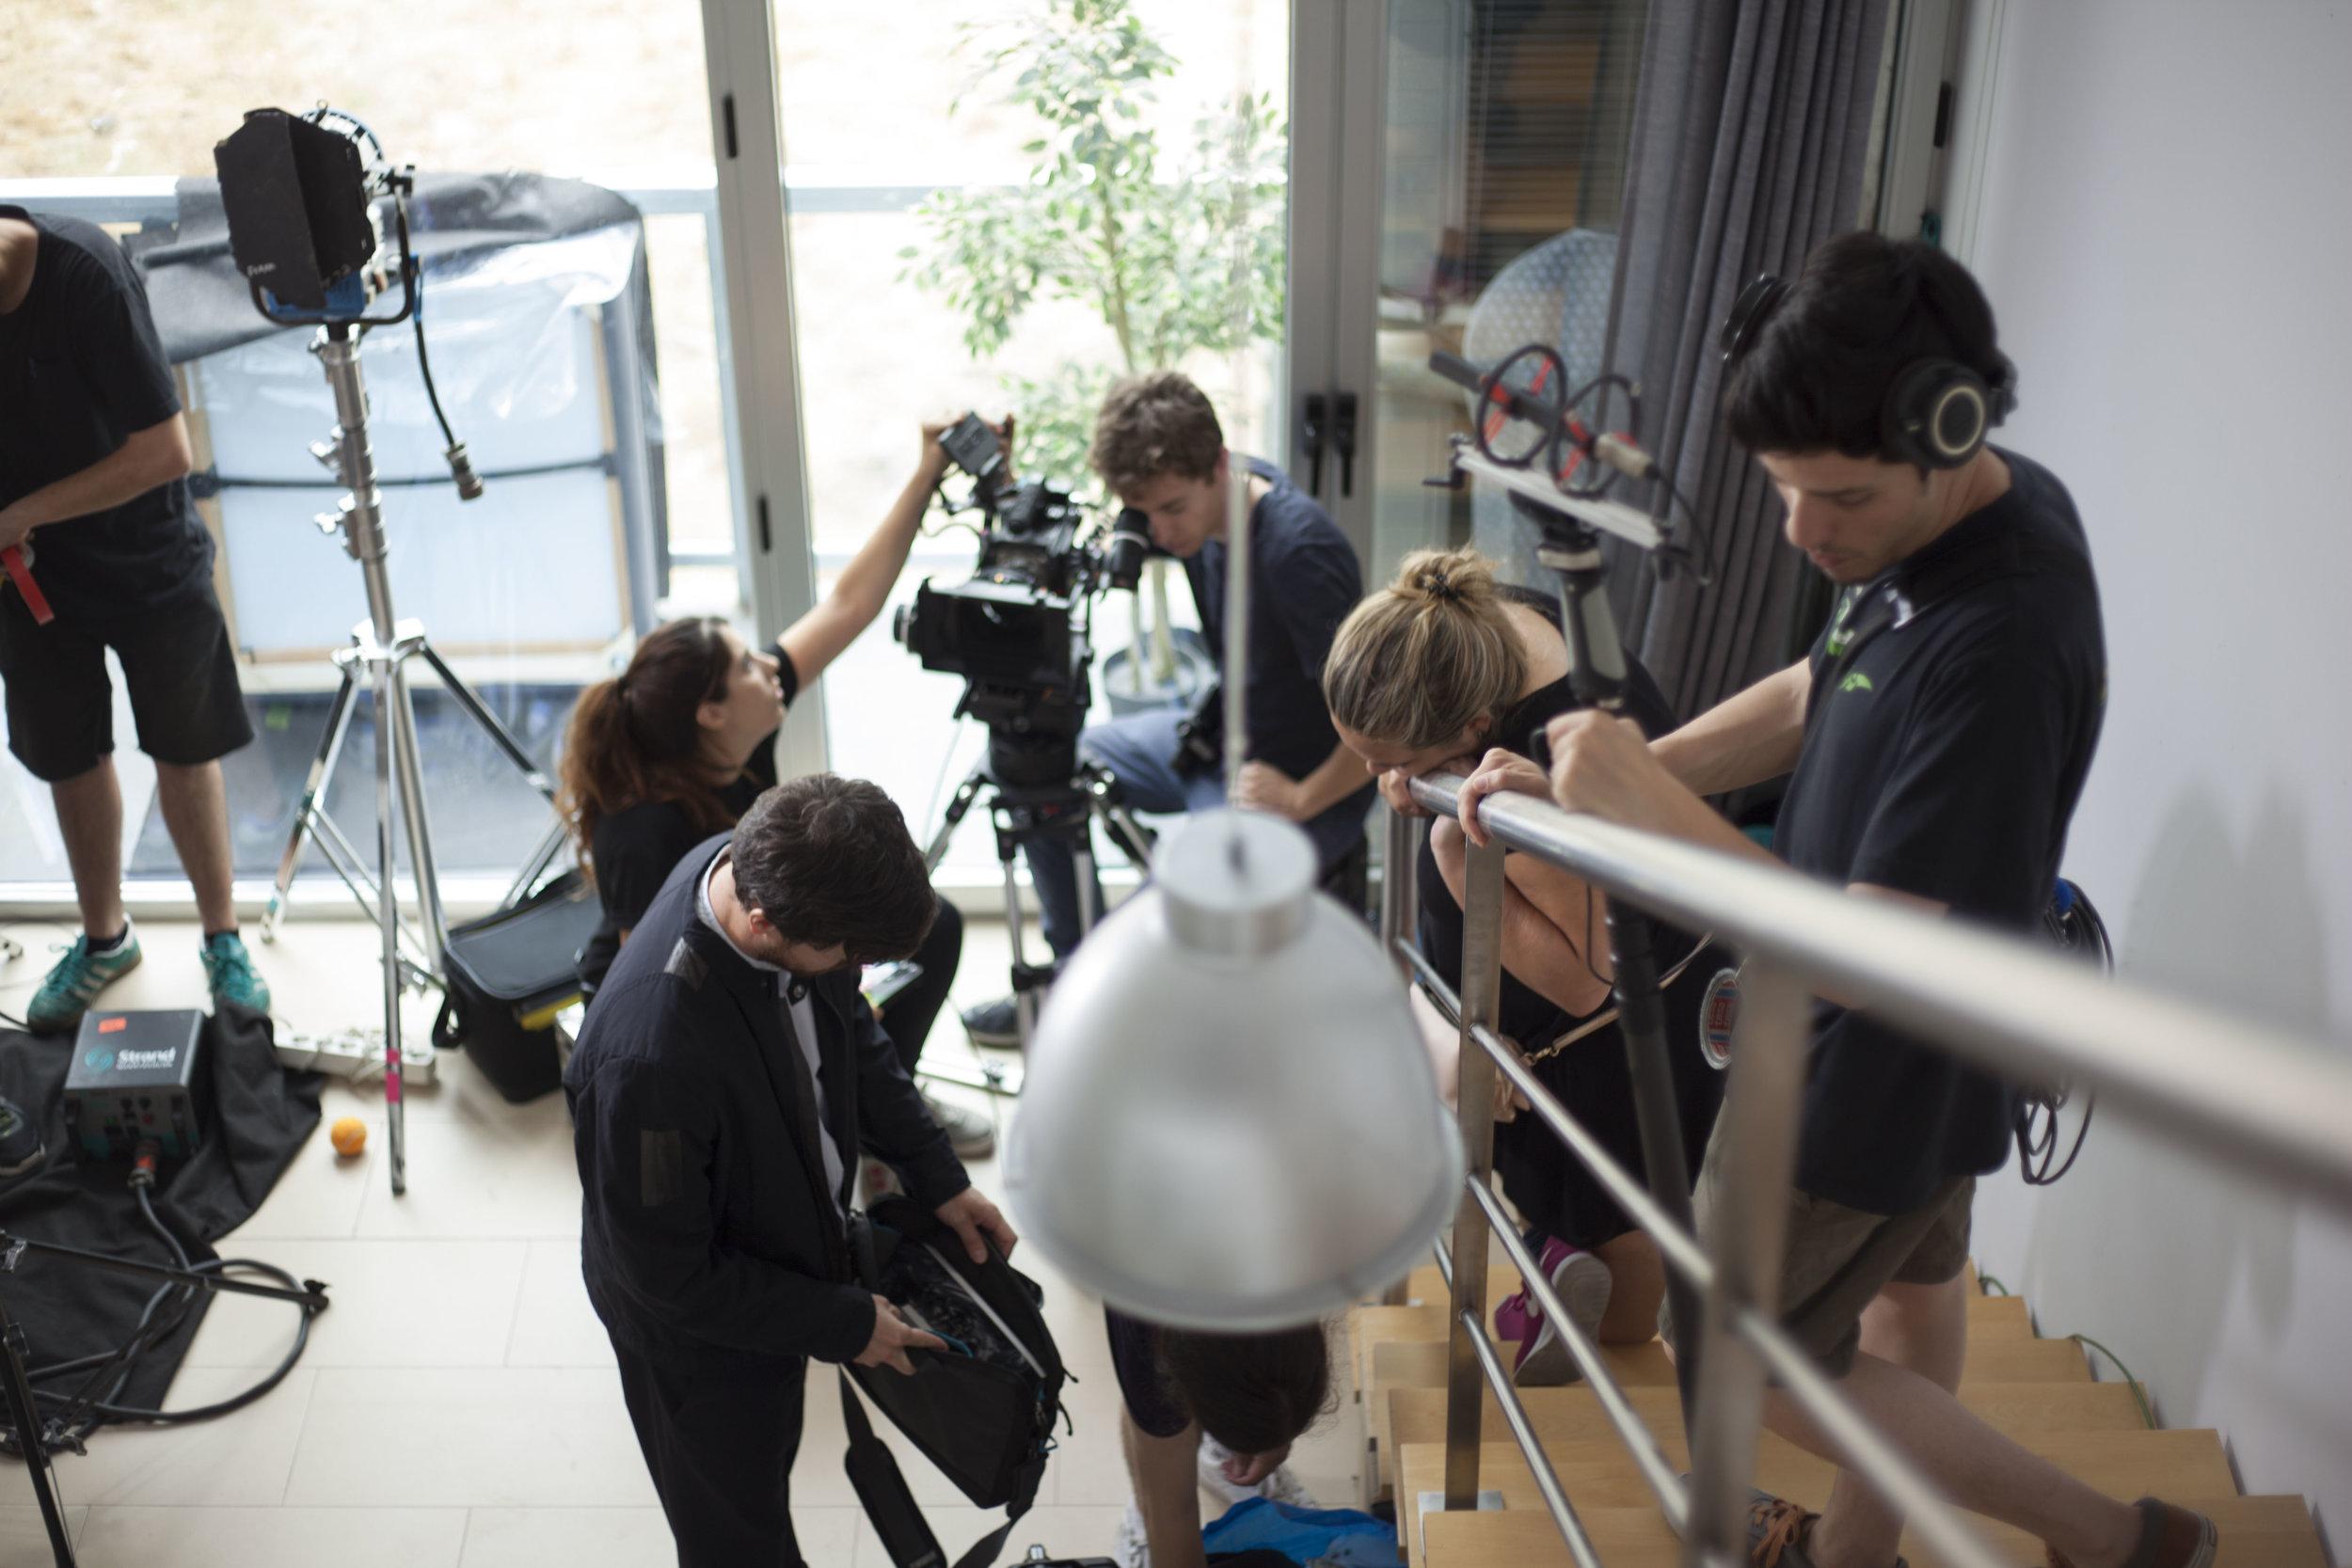 Fotografía de making of del rodaje de mi cortometraje Emotional Disease. Autor de la fotografía: Claudia Gracia